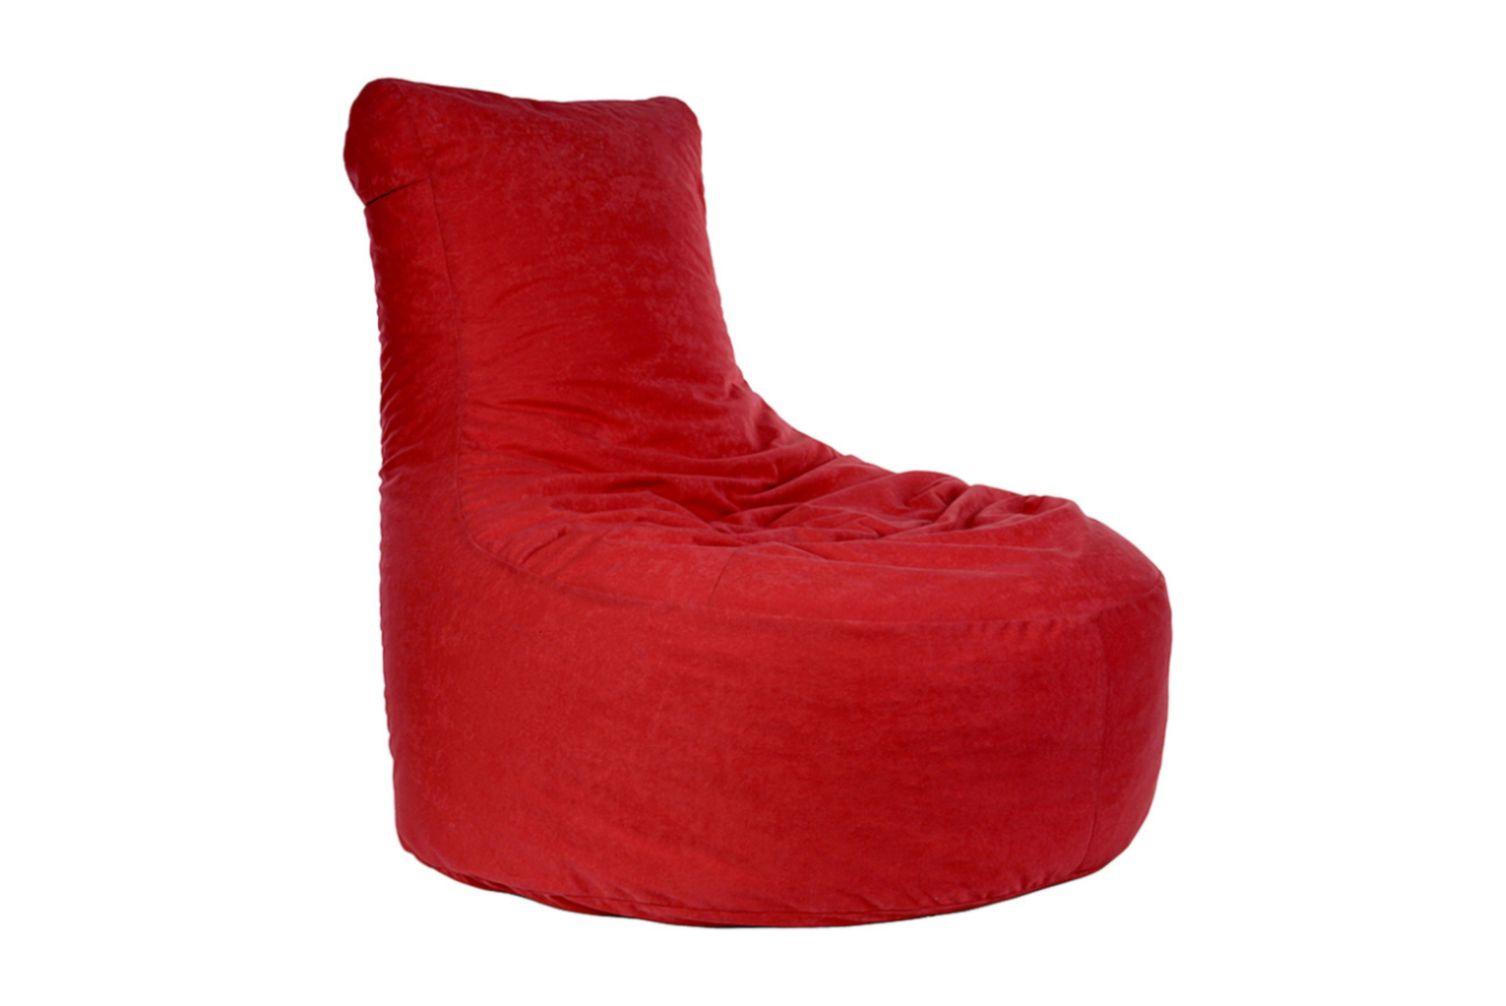 Hogga Sitzsack 509955 tomate